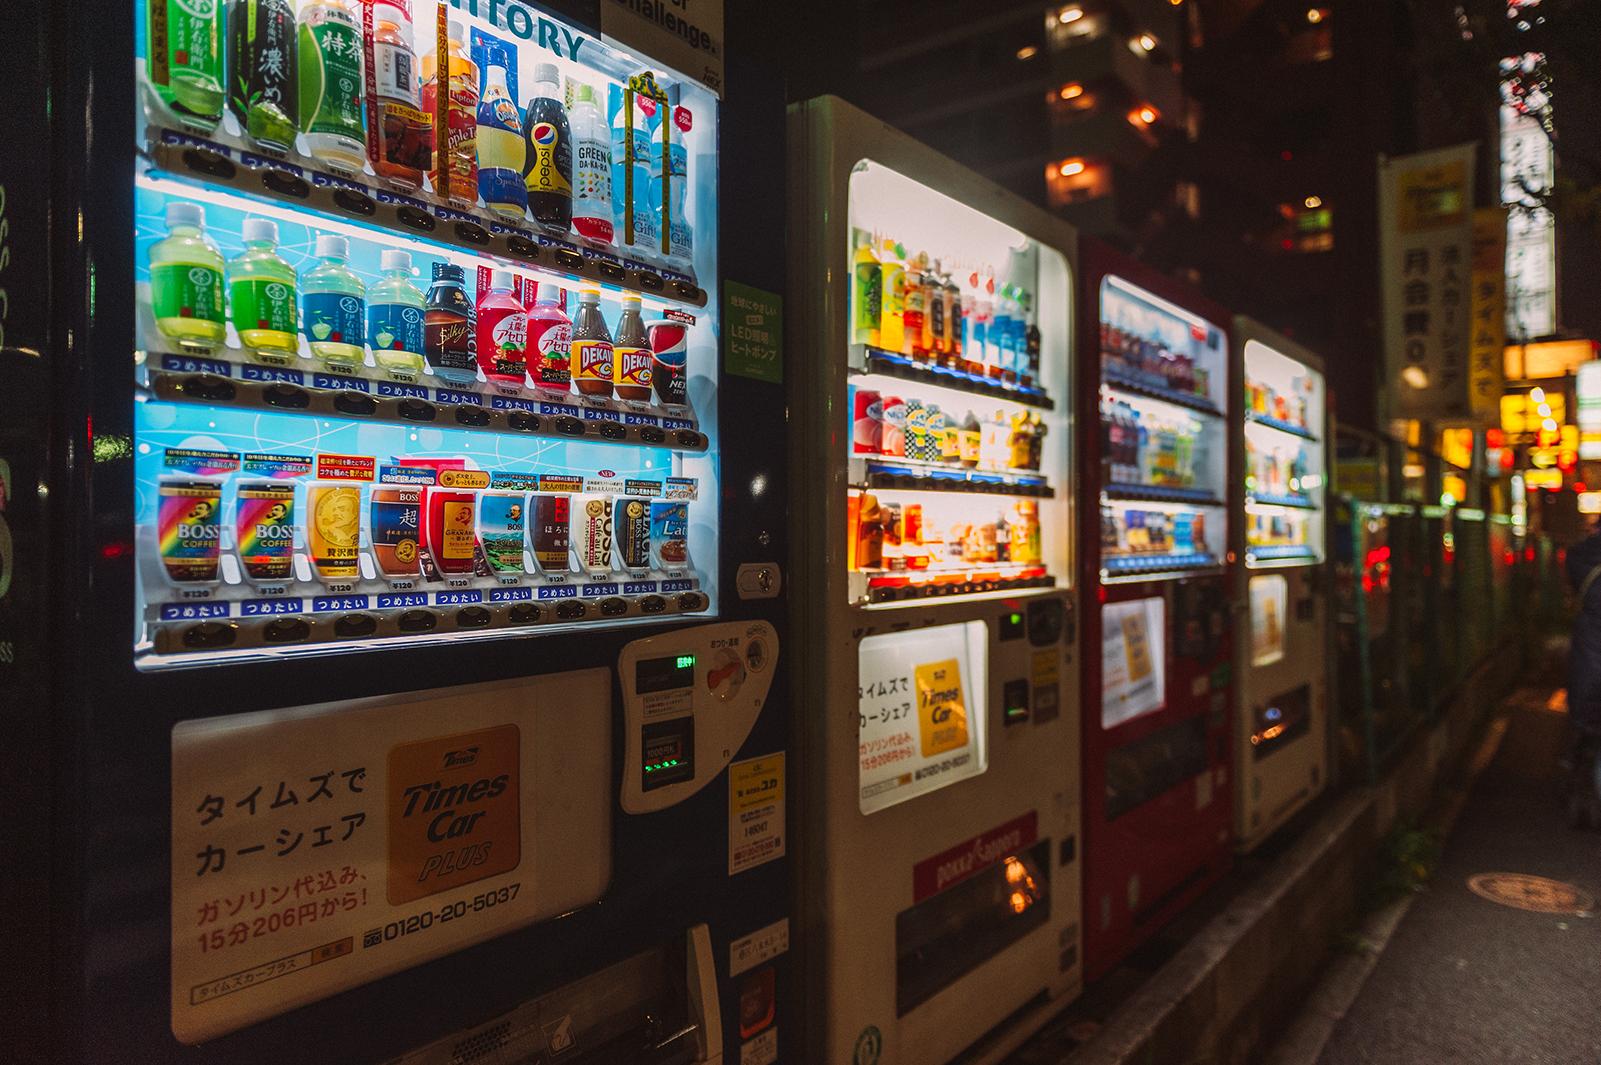 Вендинговые автоматы по продаже всего - визитная карточка Японии. на улицах Токио